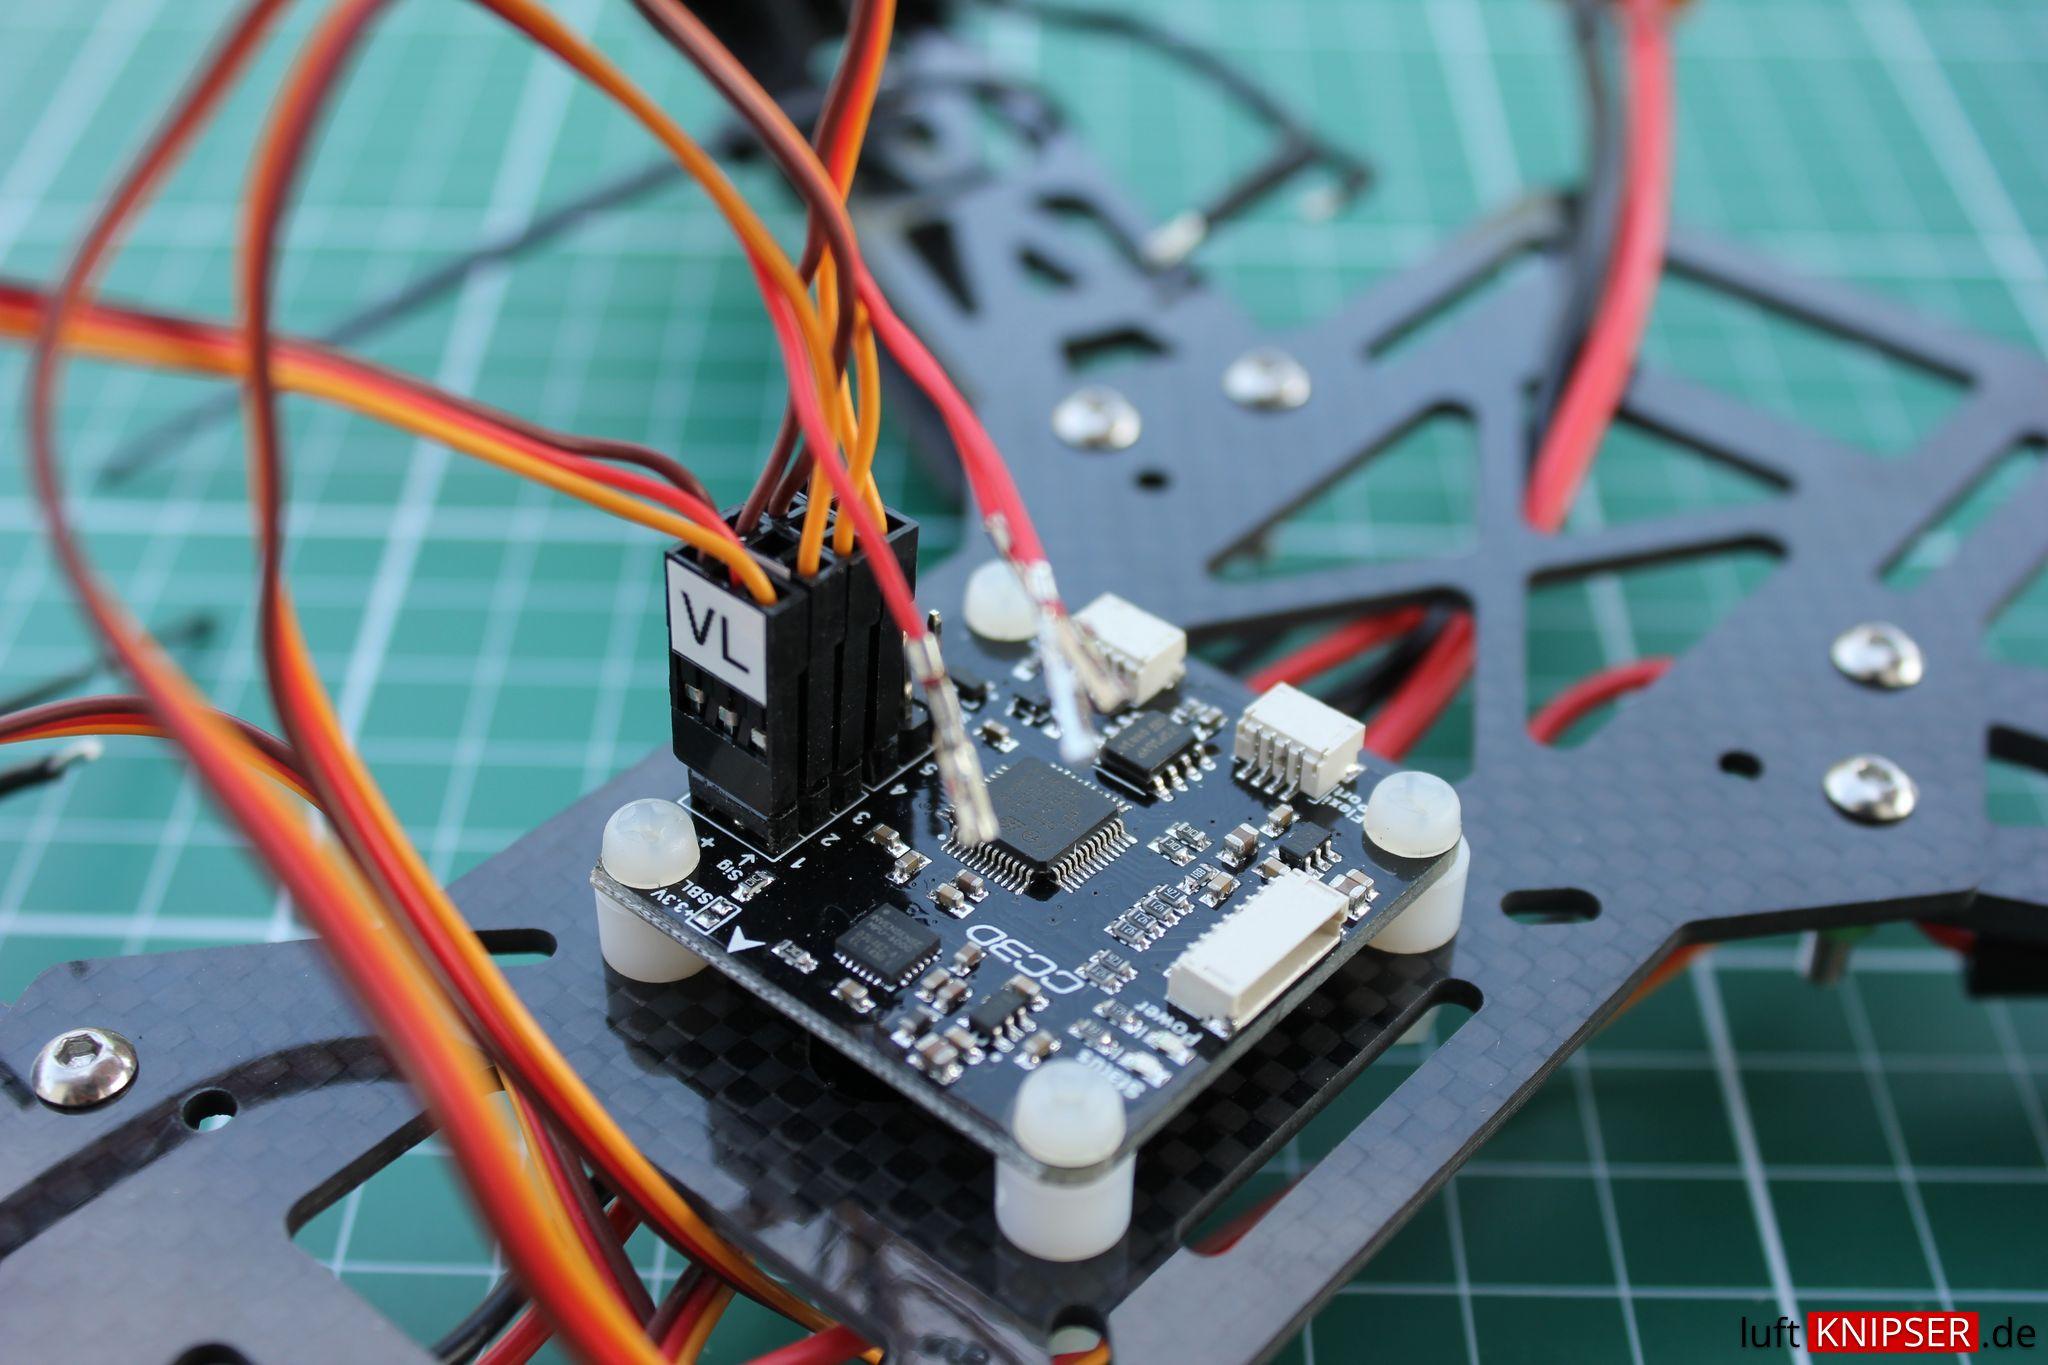 Zusammenbau Des Nighthawk 250 Fpv Racer Mit Spektrum Empfnger Cc3d Wiring Diagram Esc Kabel Am Anschlieen